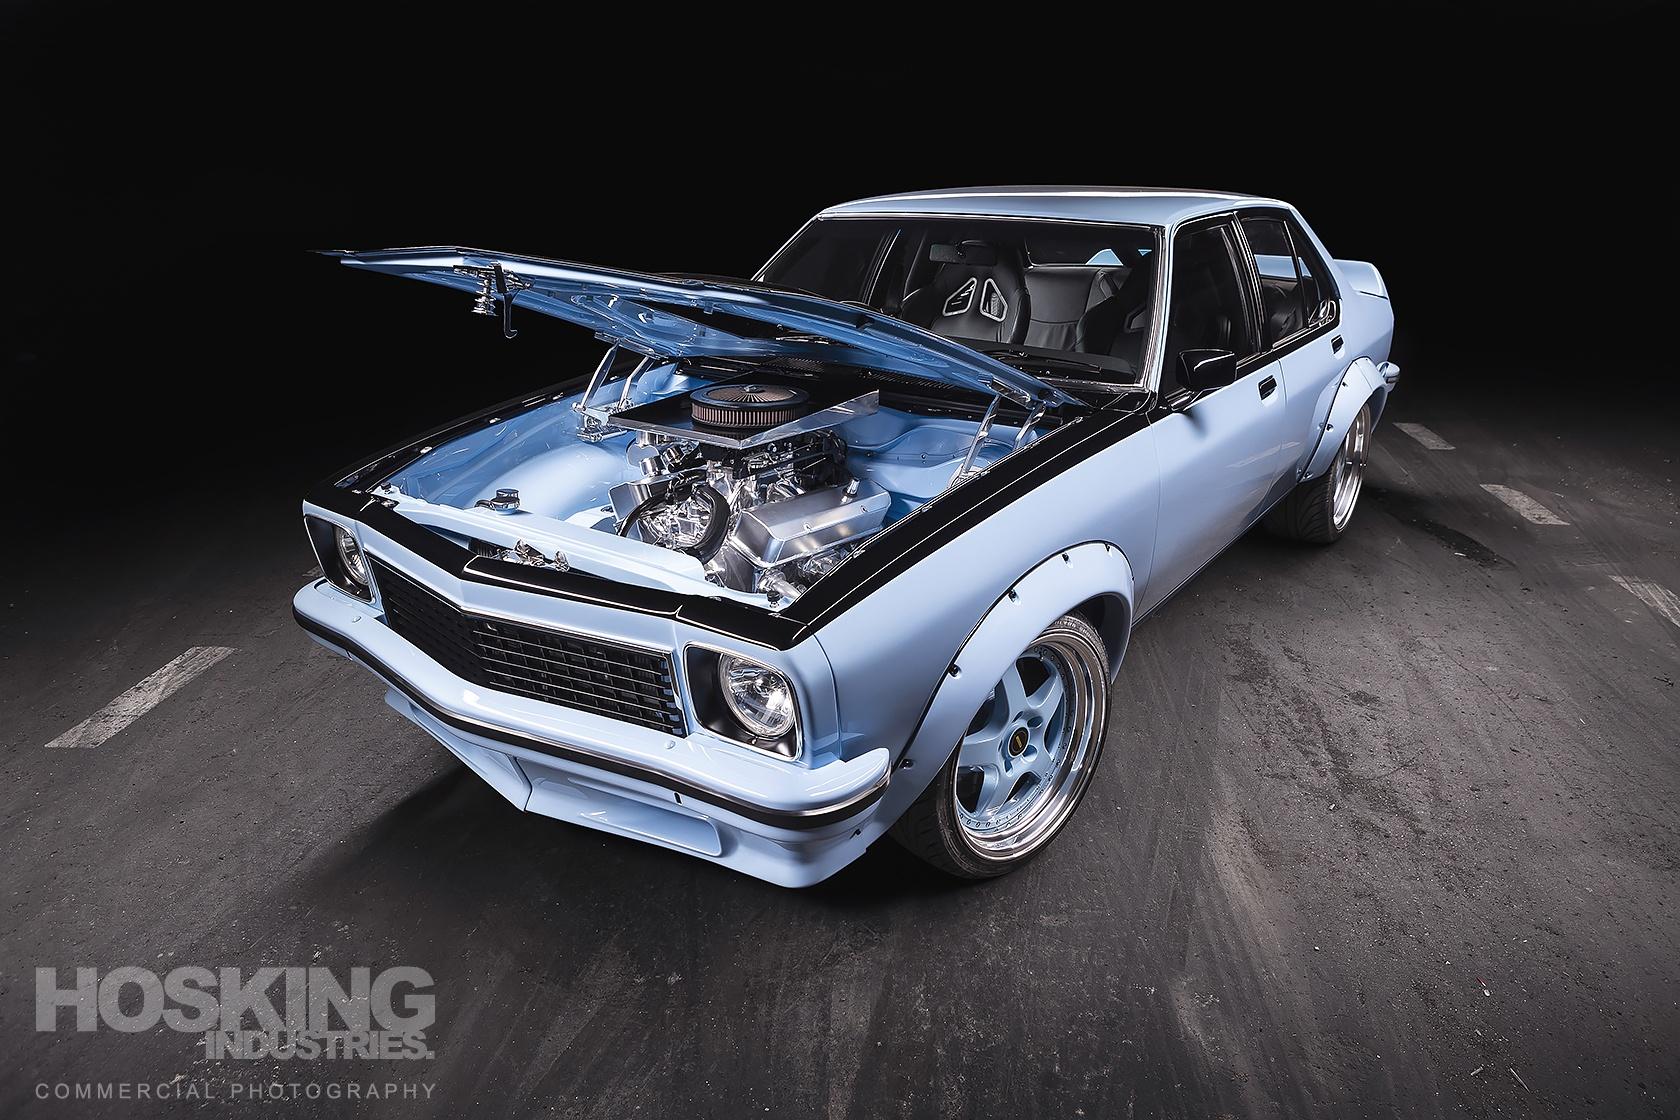 Jason Sandner's blue Holden Torana